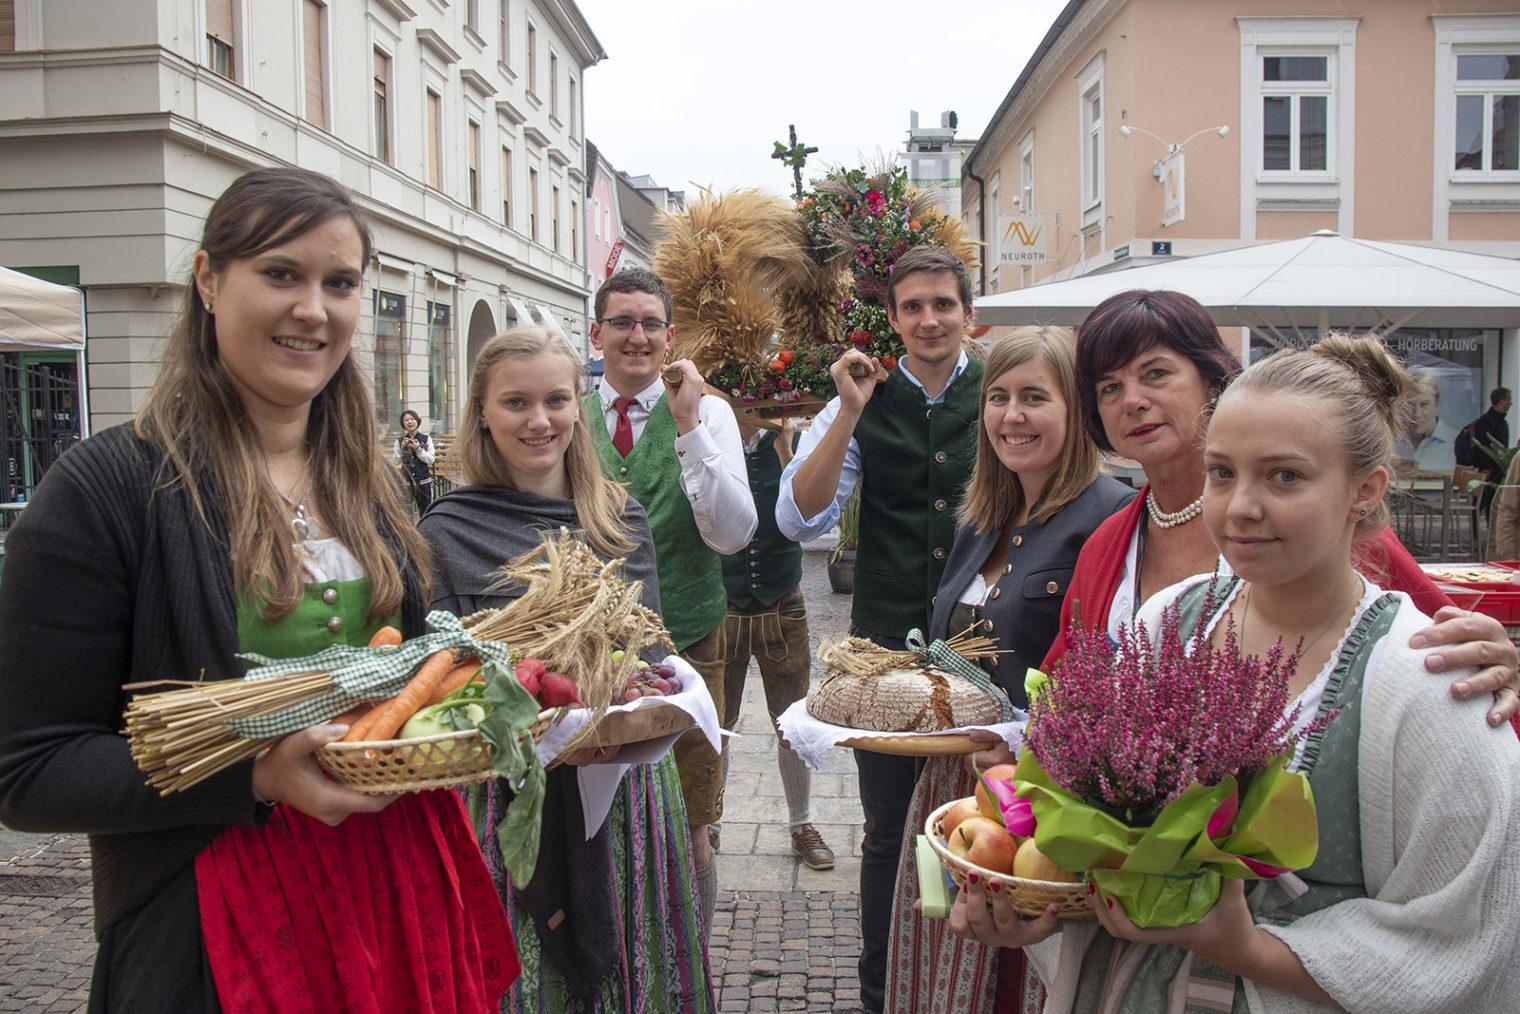 Teilnehmende in steirischer Tracht am Stadt Land Fest 2018 in Leoben